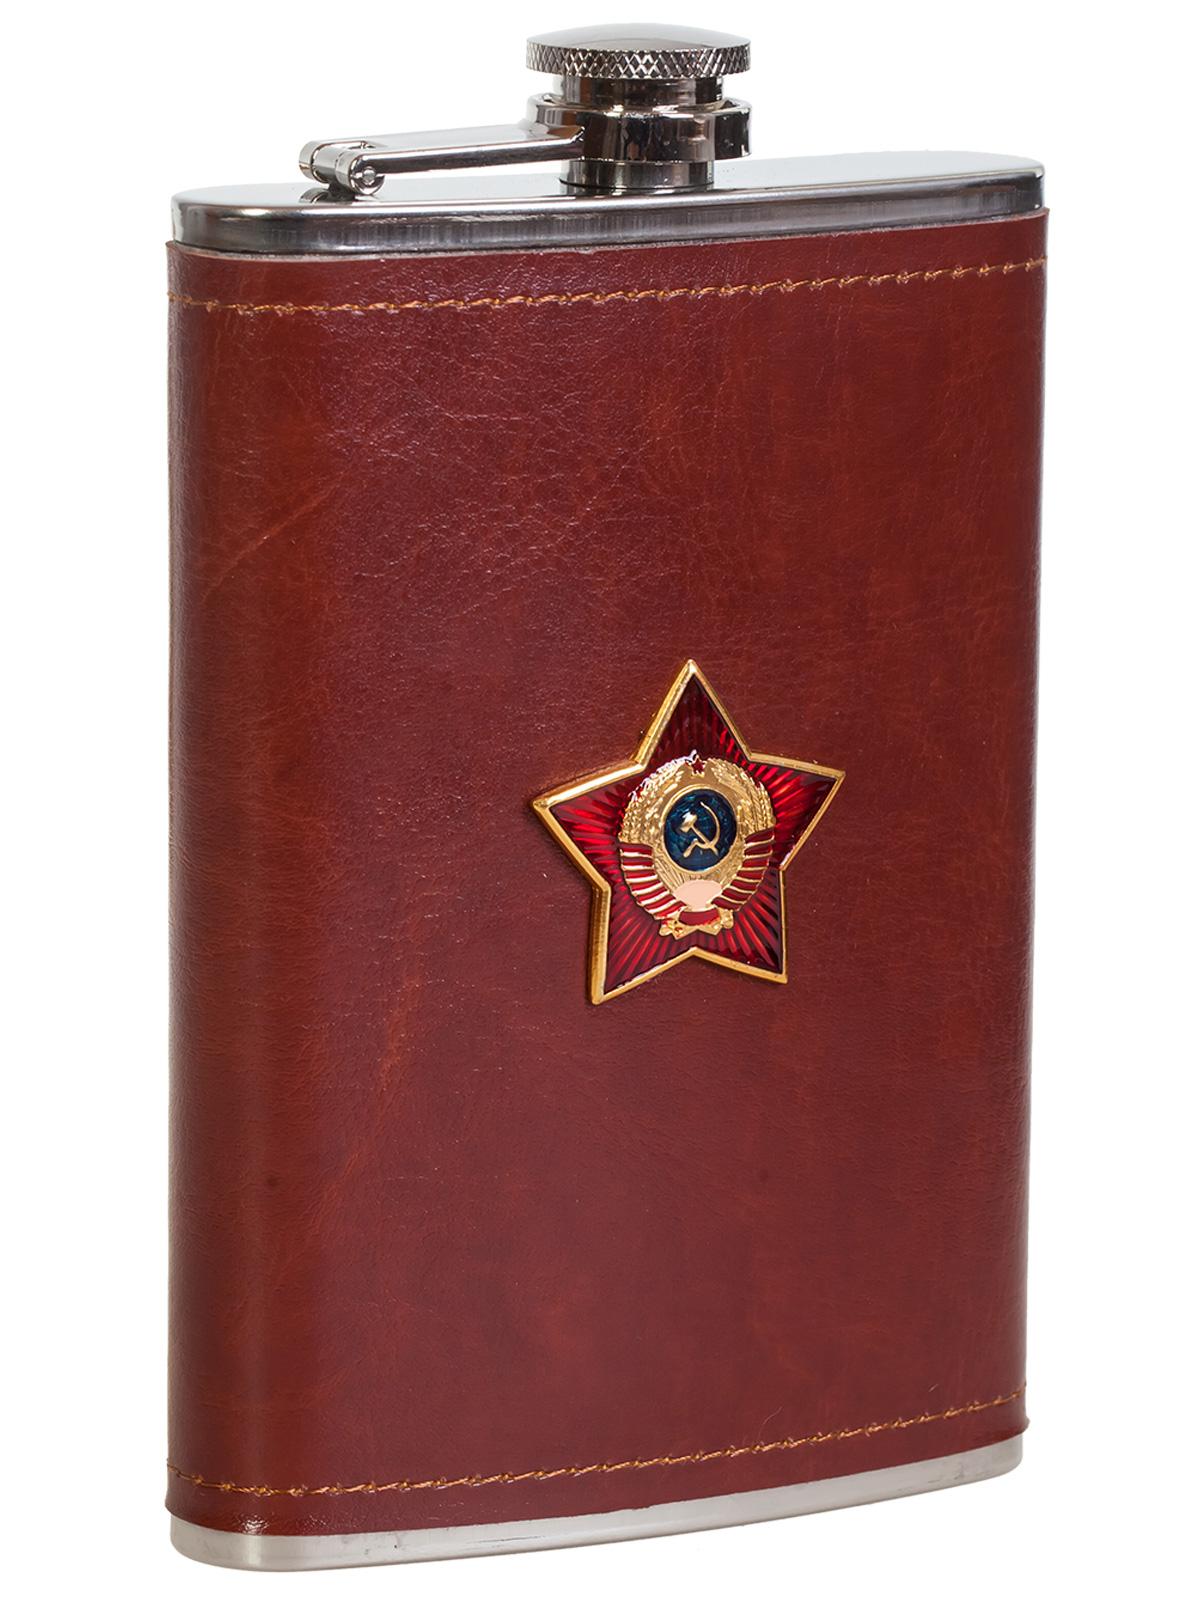 Купить оригинальную фляжку в чехле для патриота с накладкой СССР выгодно с доставкой